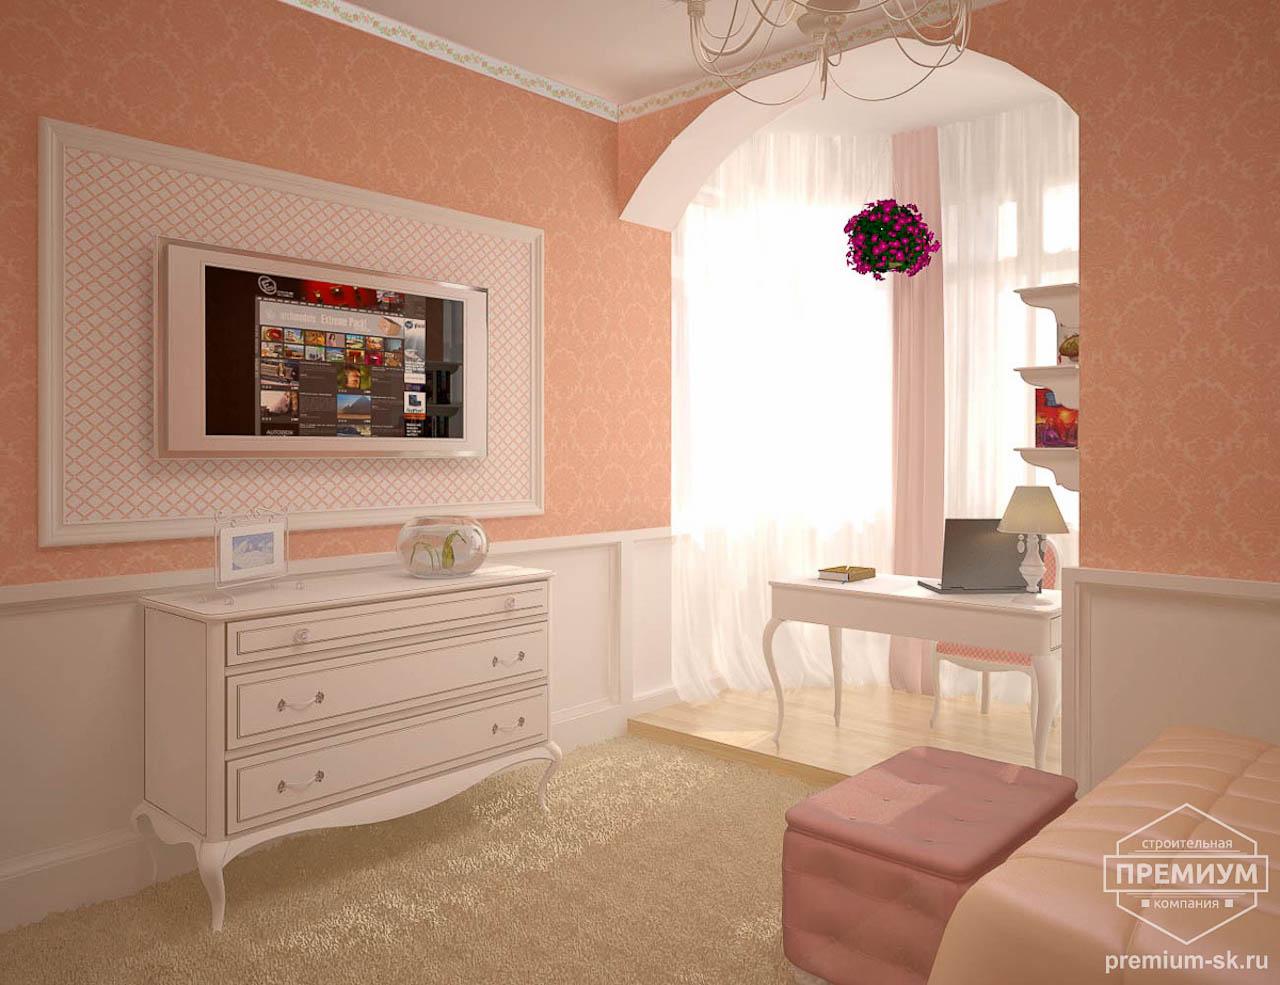 Дизайн интерьера коттеджа в п. Н. Рассоха img1263347816